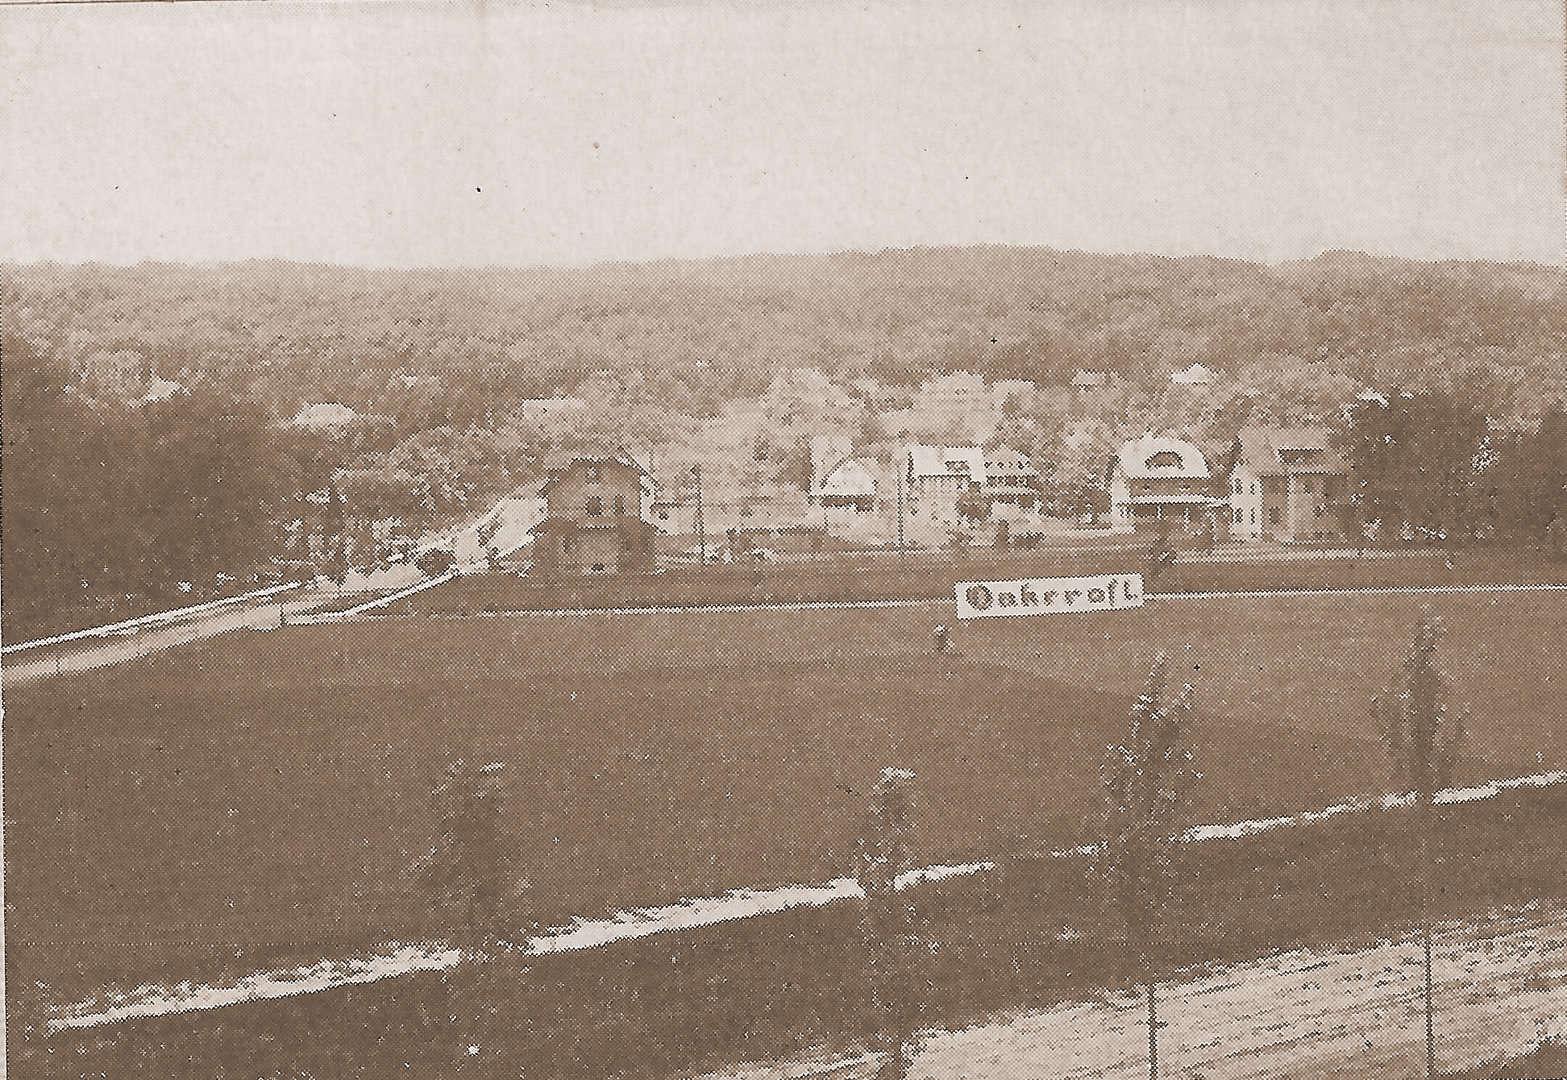 Photo from c. 1908 Oakcroft Sales Brochure